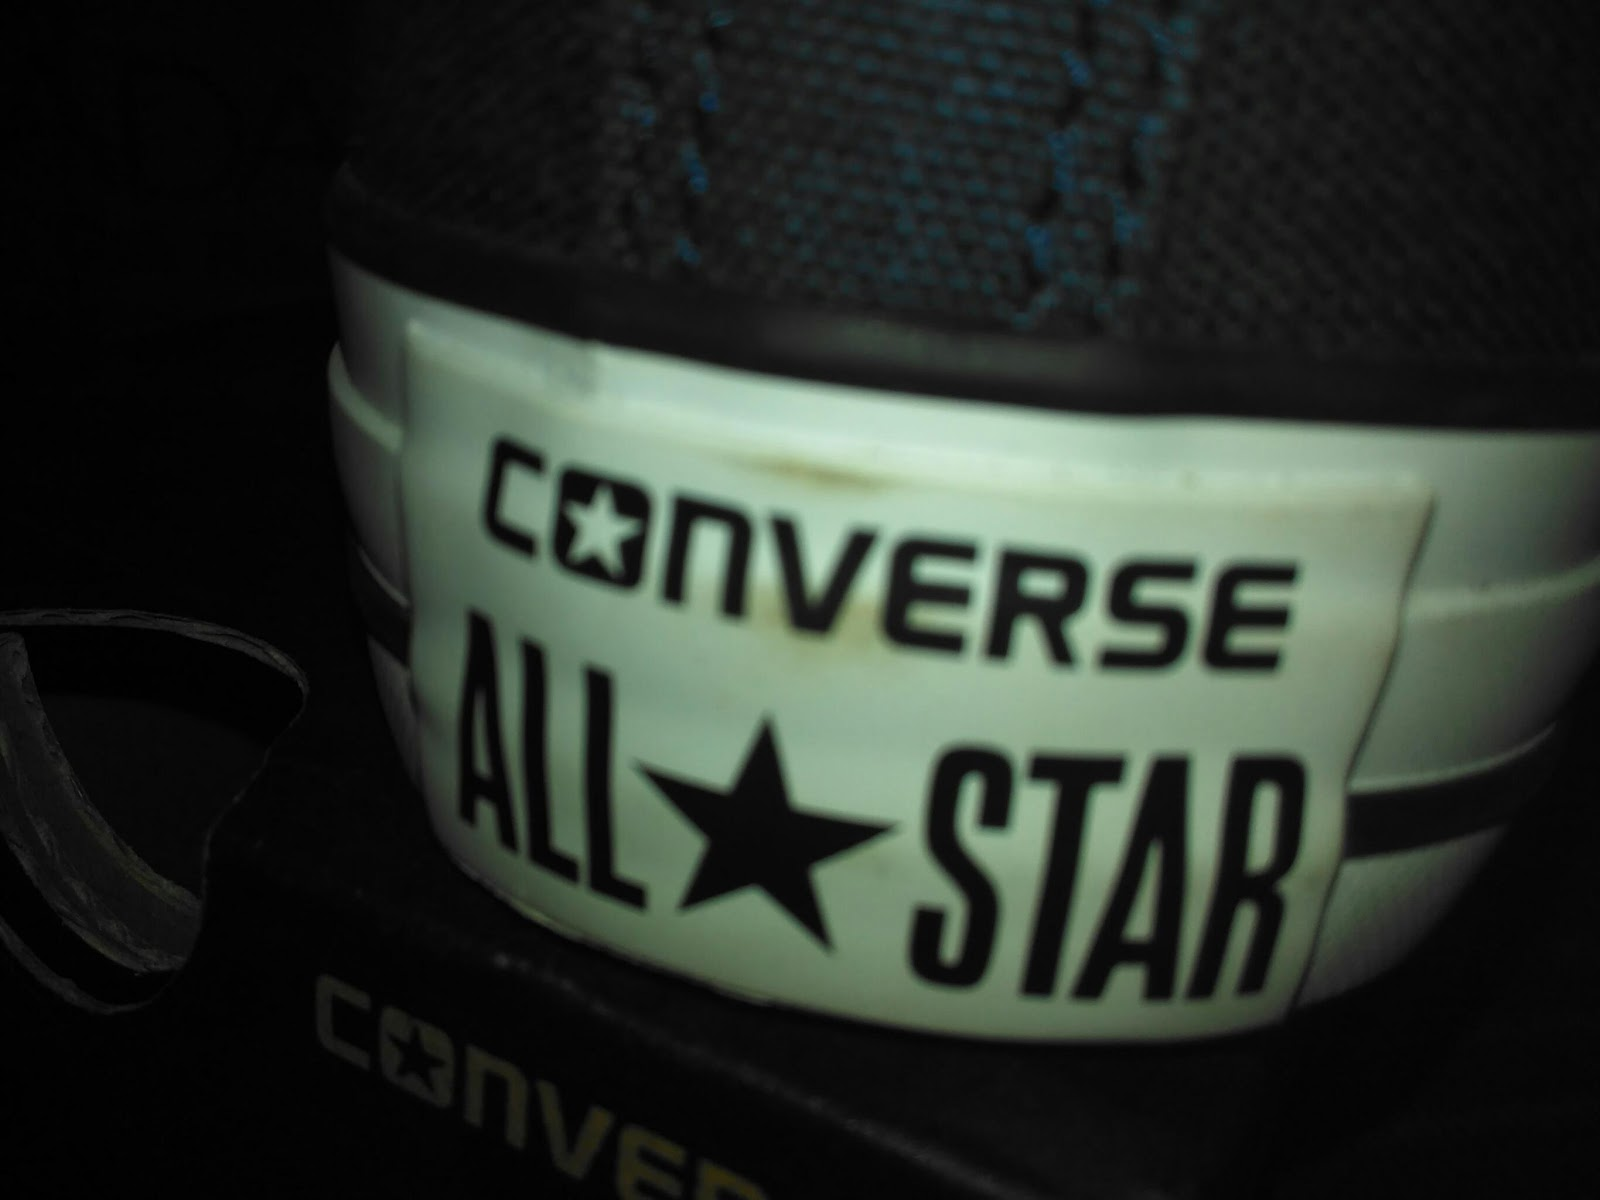 f599c48f34e7 Produk yang saya beli adalah sepatu Converse Chuck Taylor All Star Ox  Canvas dan jam tangan Casio. Cukup puas saya belanja di Lazada